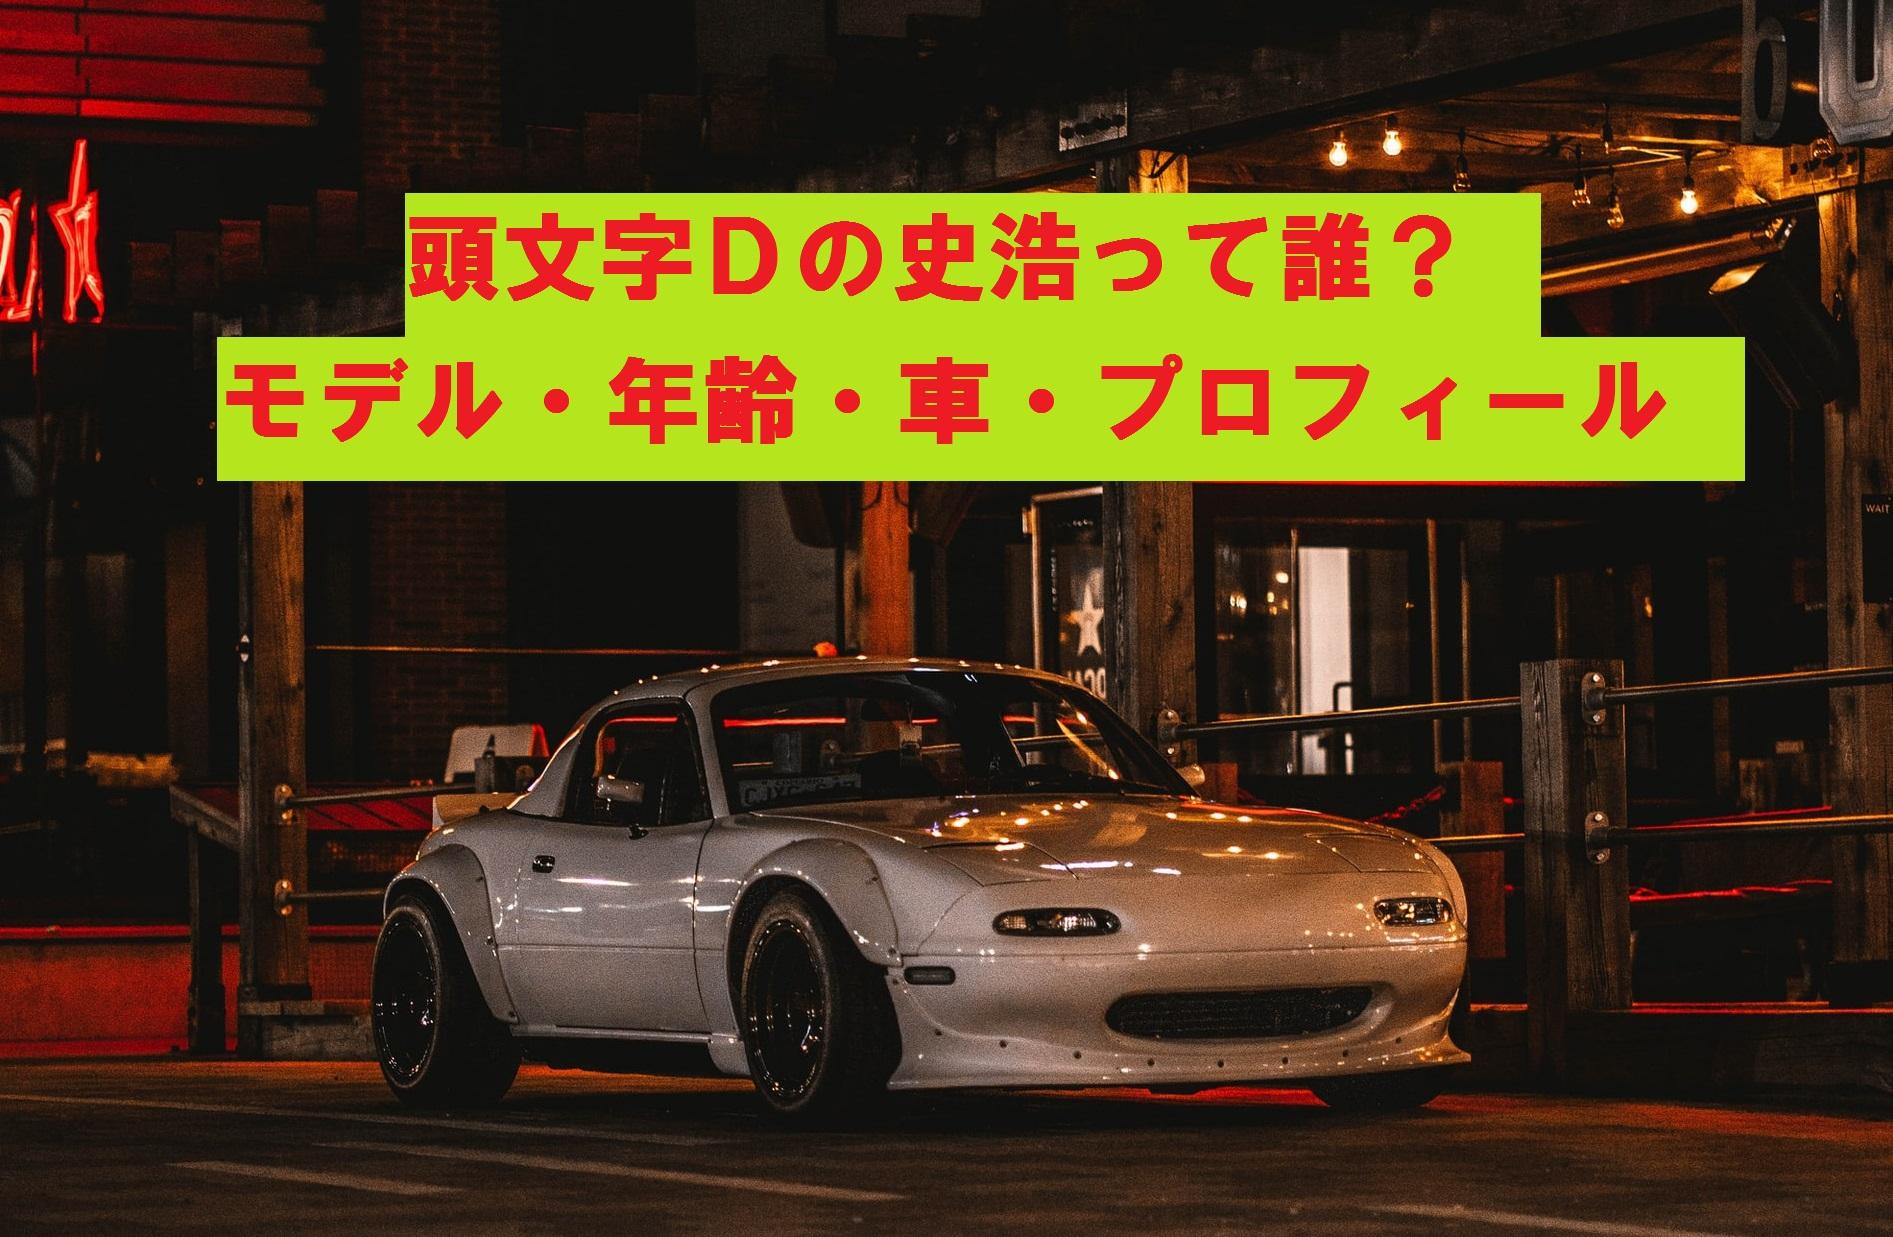 【ひろしと呼び間違い?】頭文字Dの史浩って誰?その後は?【モデル・年齢・車・プロフィール】